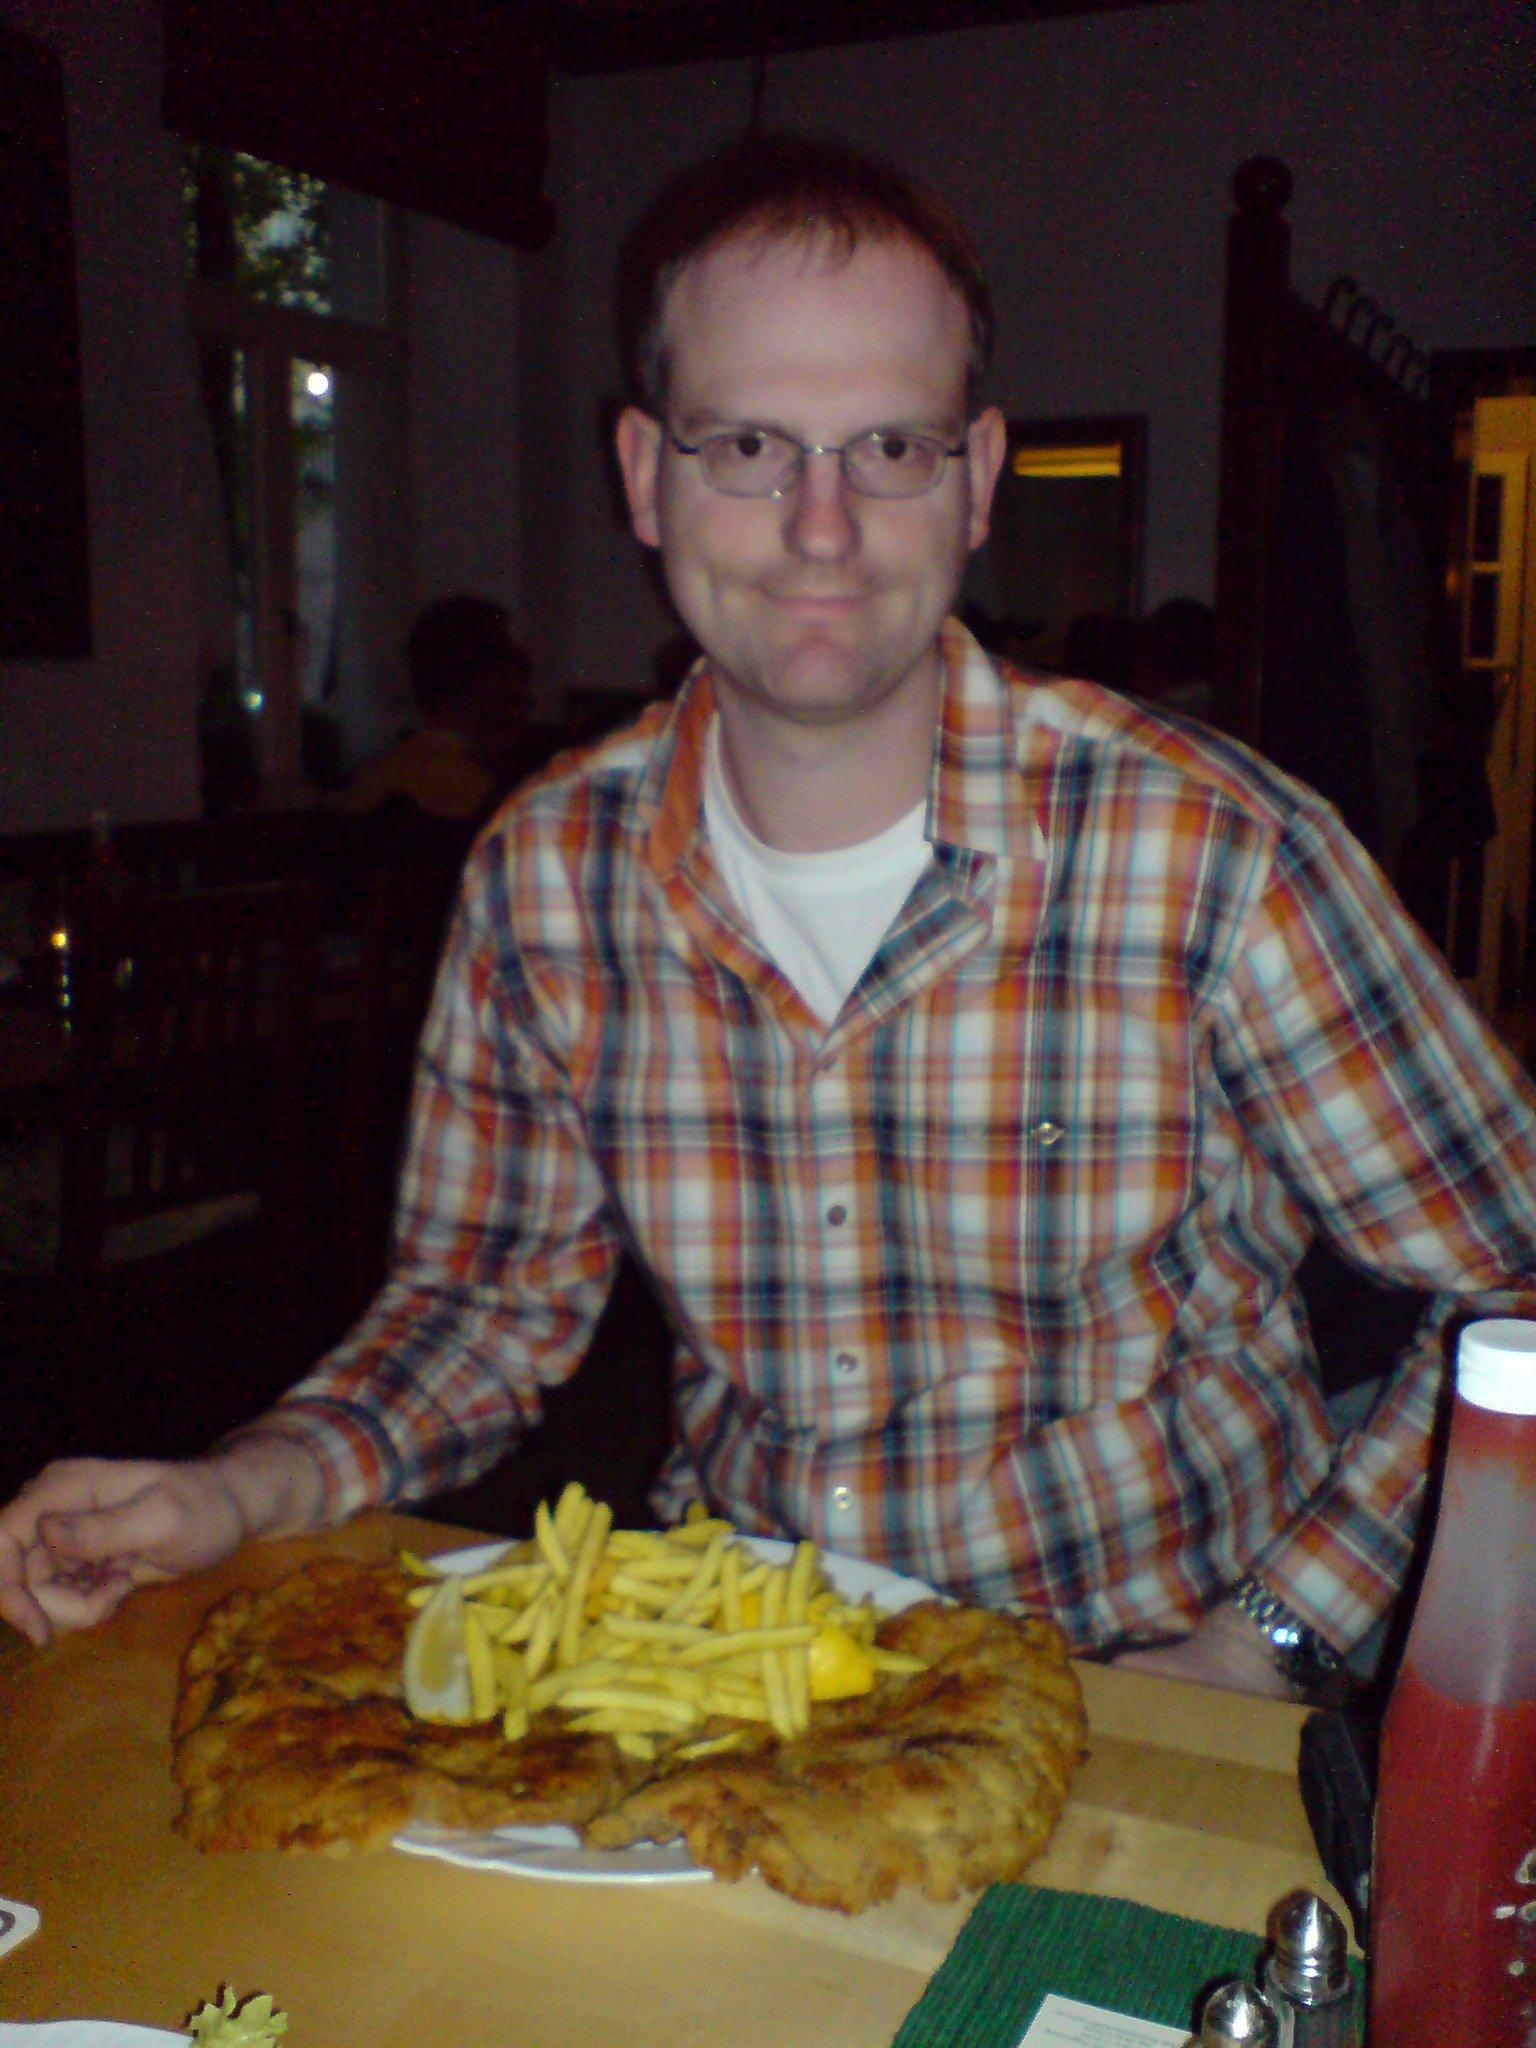 Große Schnitzel - Volkers BlogVolkers Blog